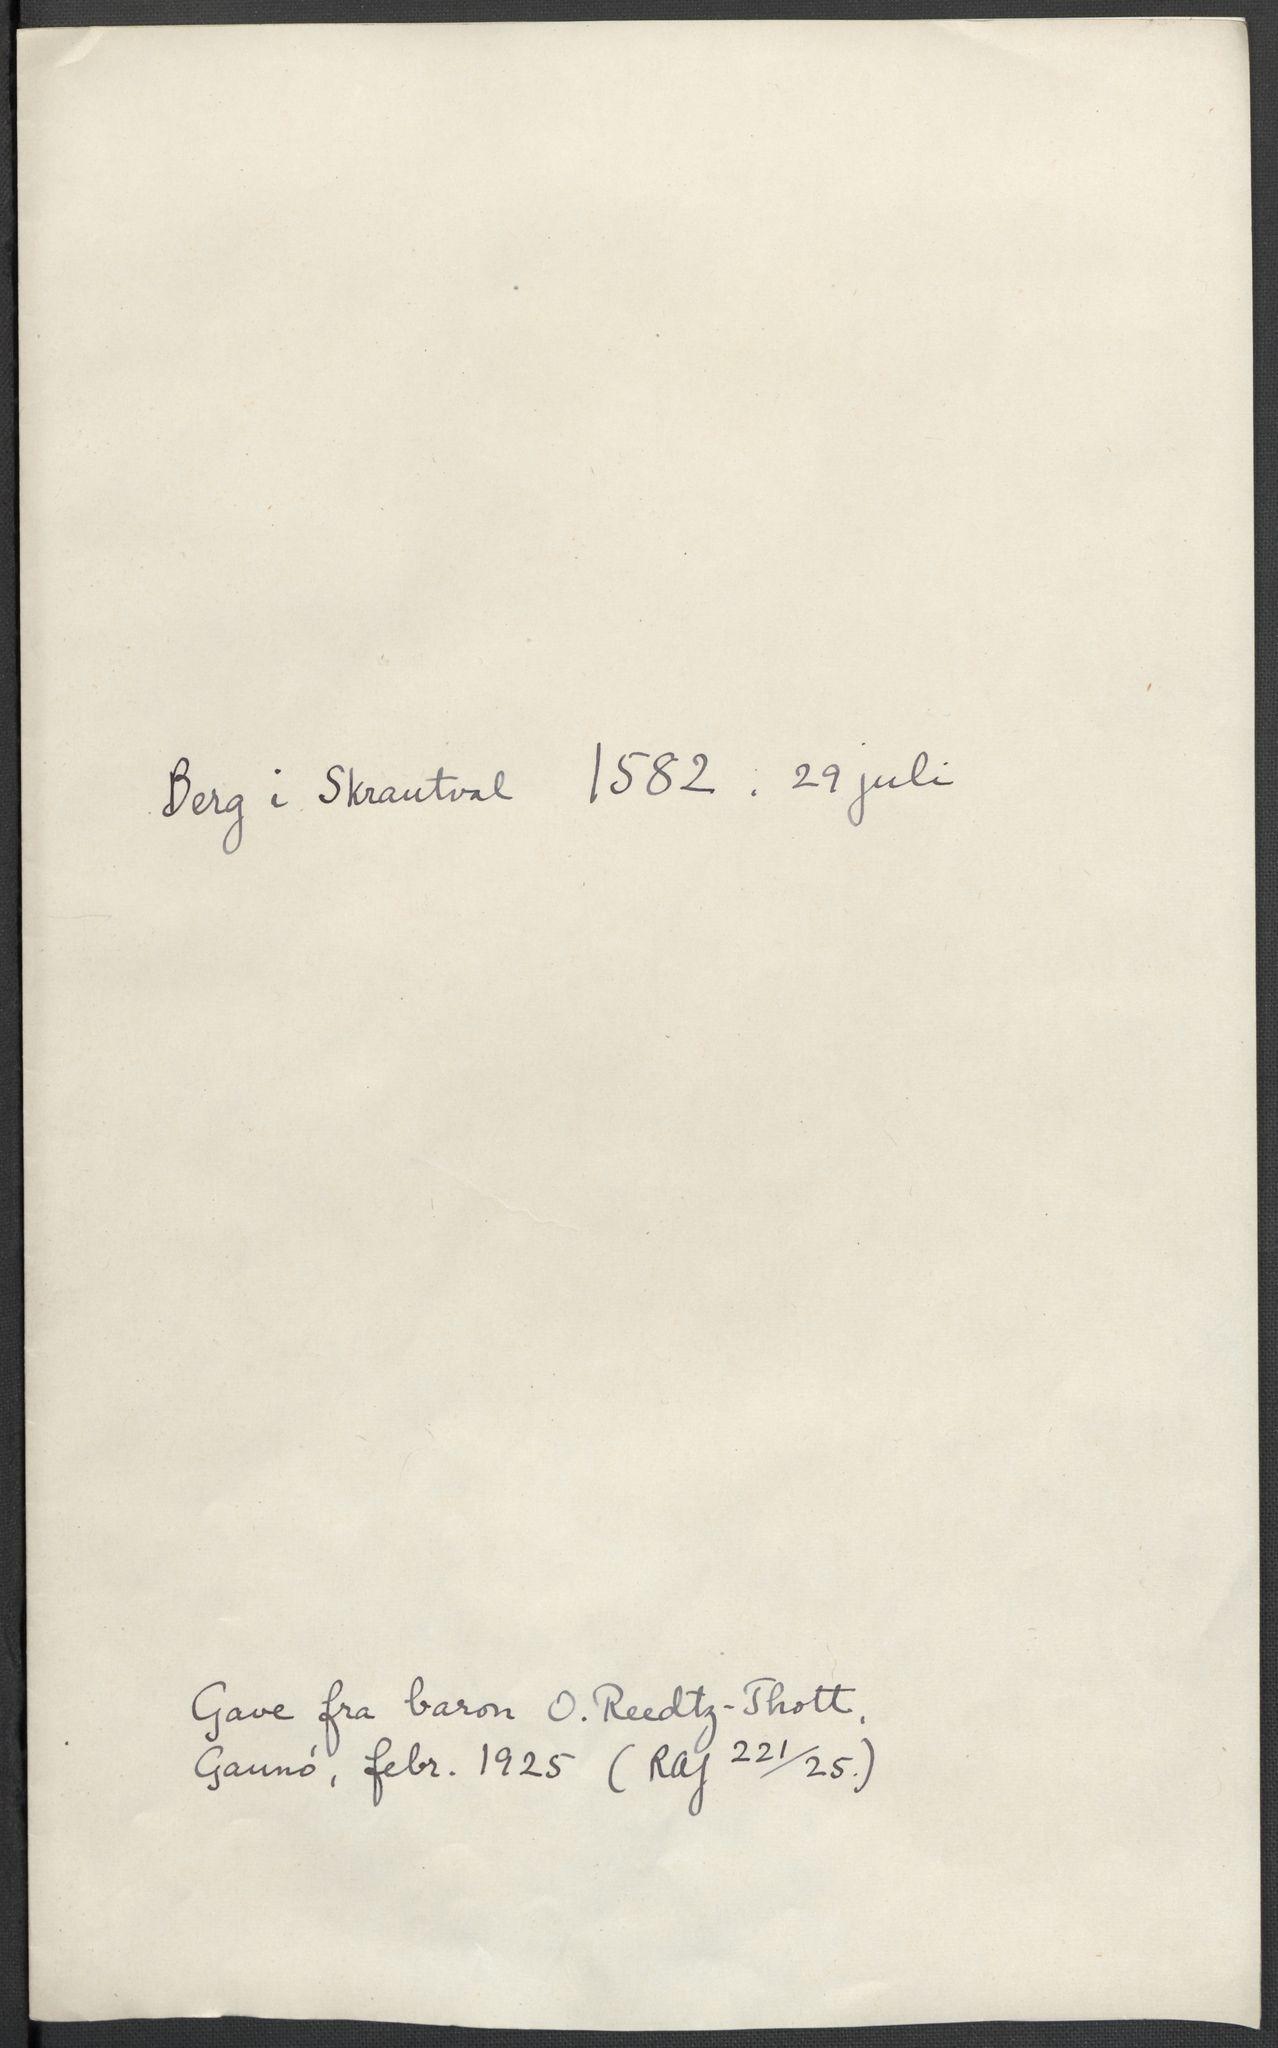 RA, Riksarkivets diplomsamling, F02/L0084: Dokumenter, 1582, s. 39